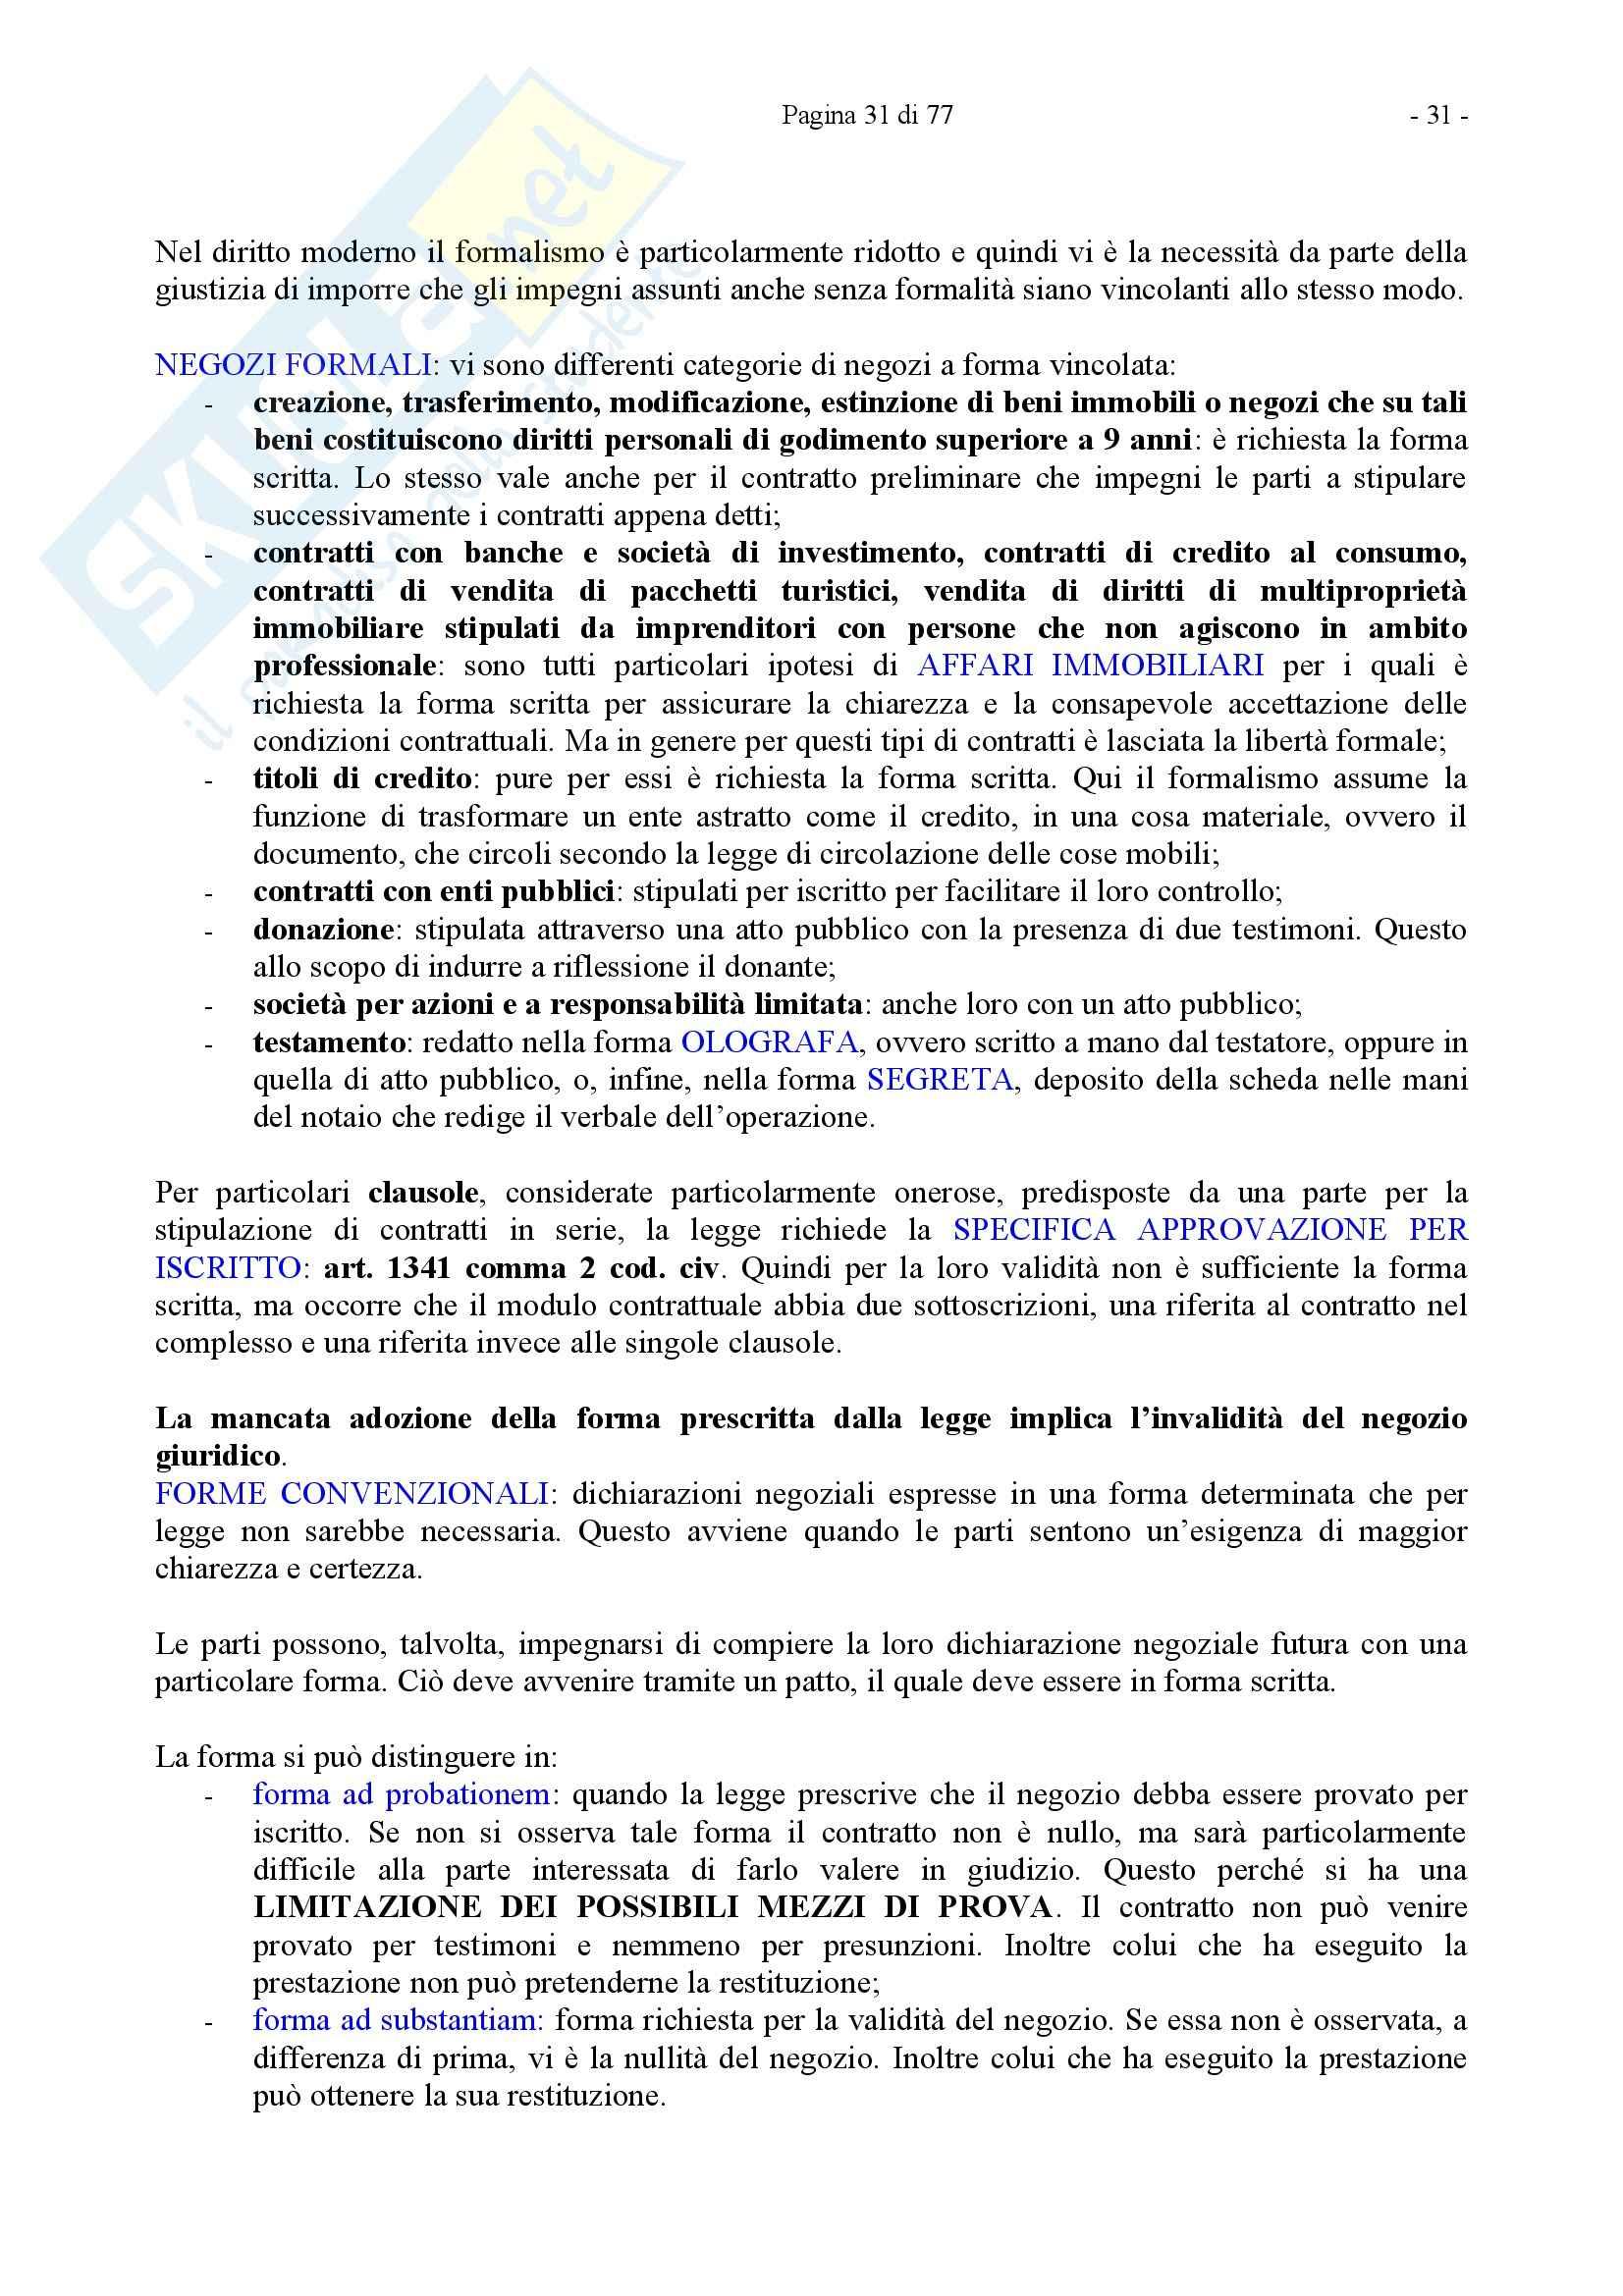 Riassunto esame Diritto Privato, prof. Caricato, libro consigliato Diritto Privato, Trimarchi Pag. 31